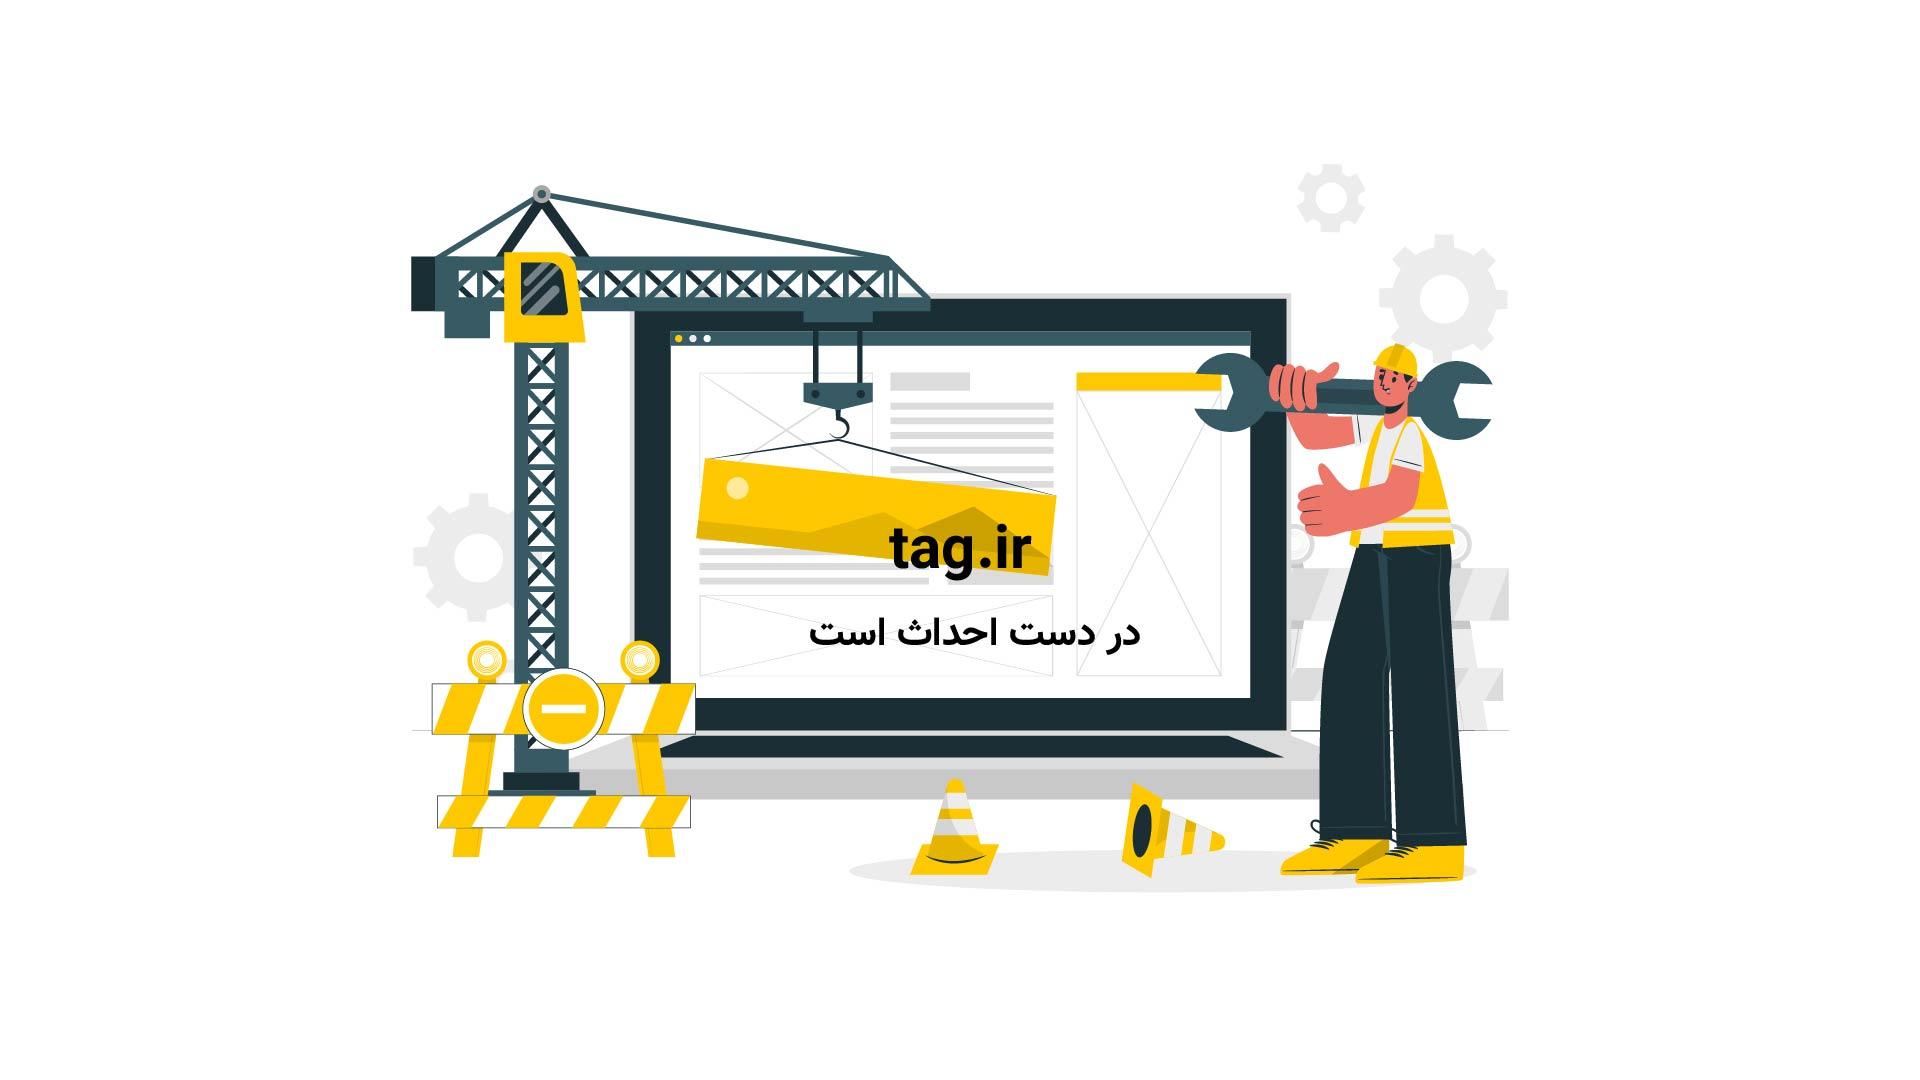 تست تصادف خودروی نیسان تسورو | فیلم